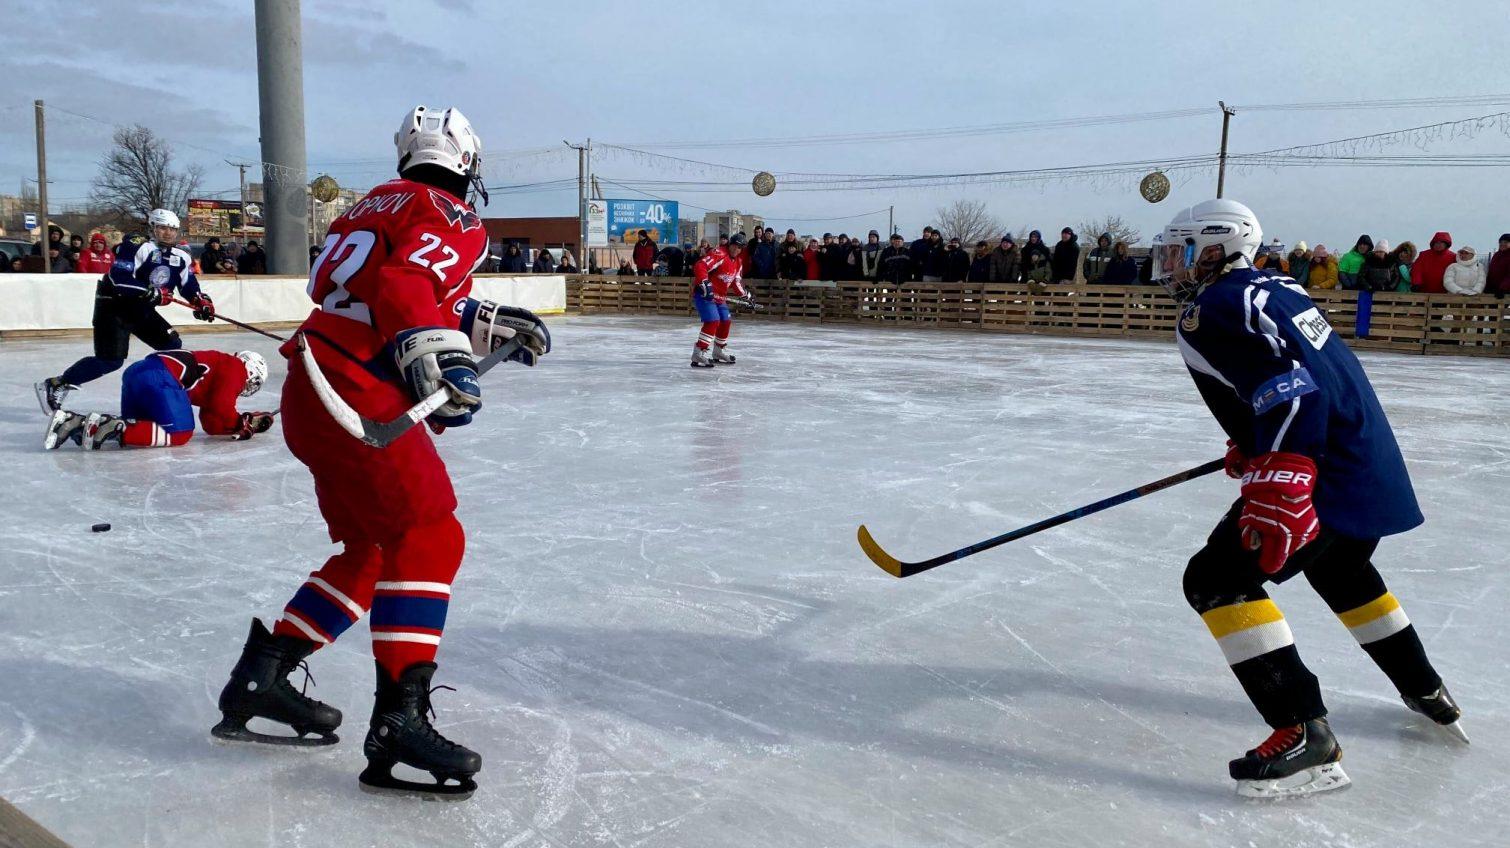 Ломаченко сыграл в хоккей за местную команду Белгород-Днестровска (фото) «фото»